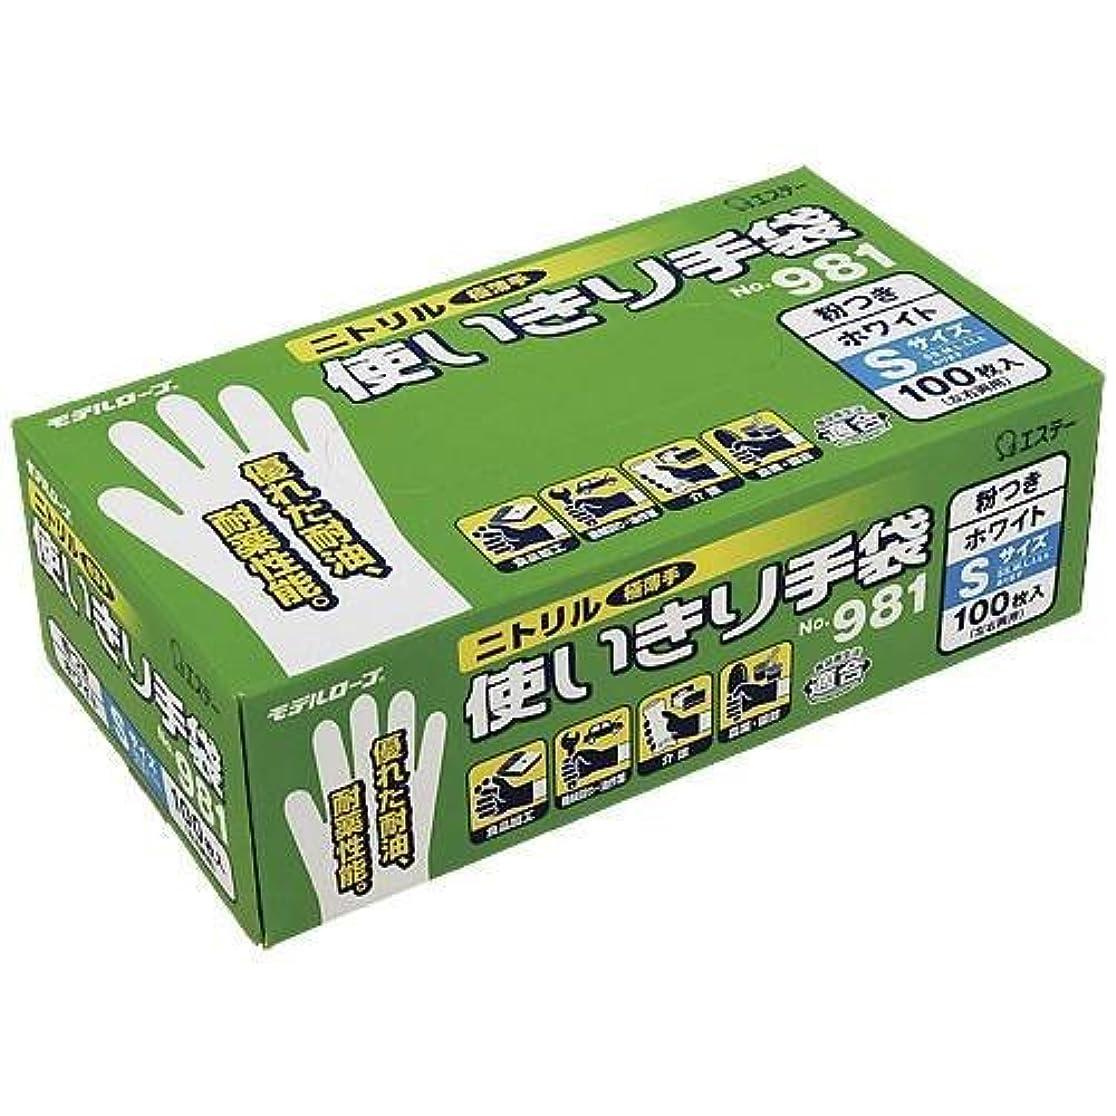 魚樹皮フェロー諸島エステー ニトリル手袋 粉付(100枚入)S ホワイト No.981